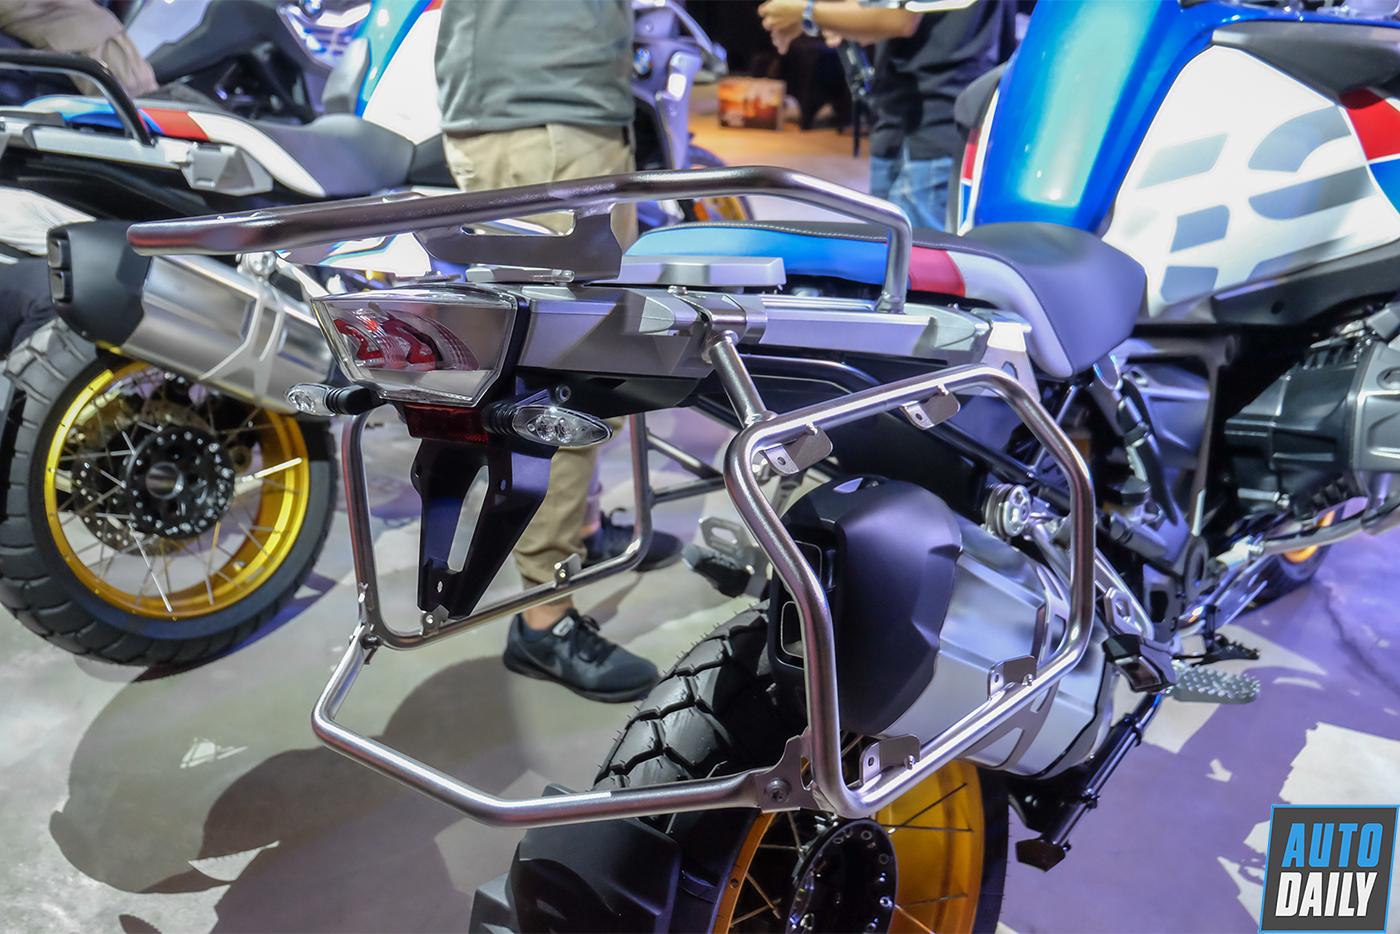 bmw-motorrad-r-1250-gsa-2019-61.jpg